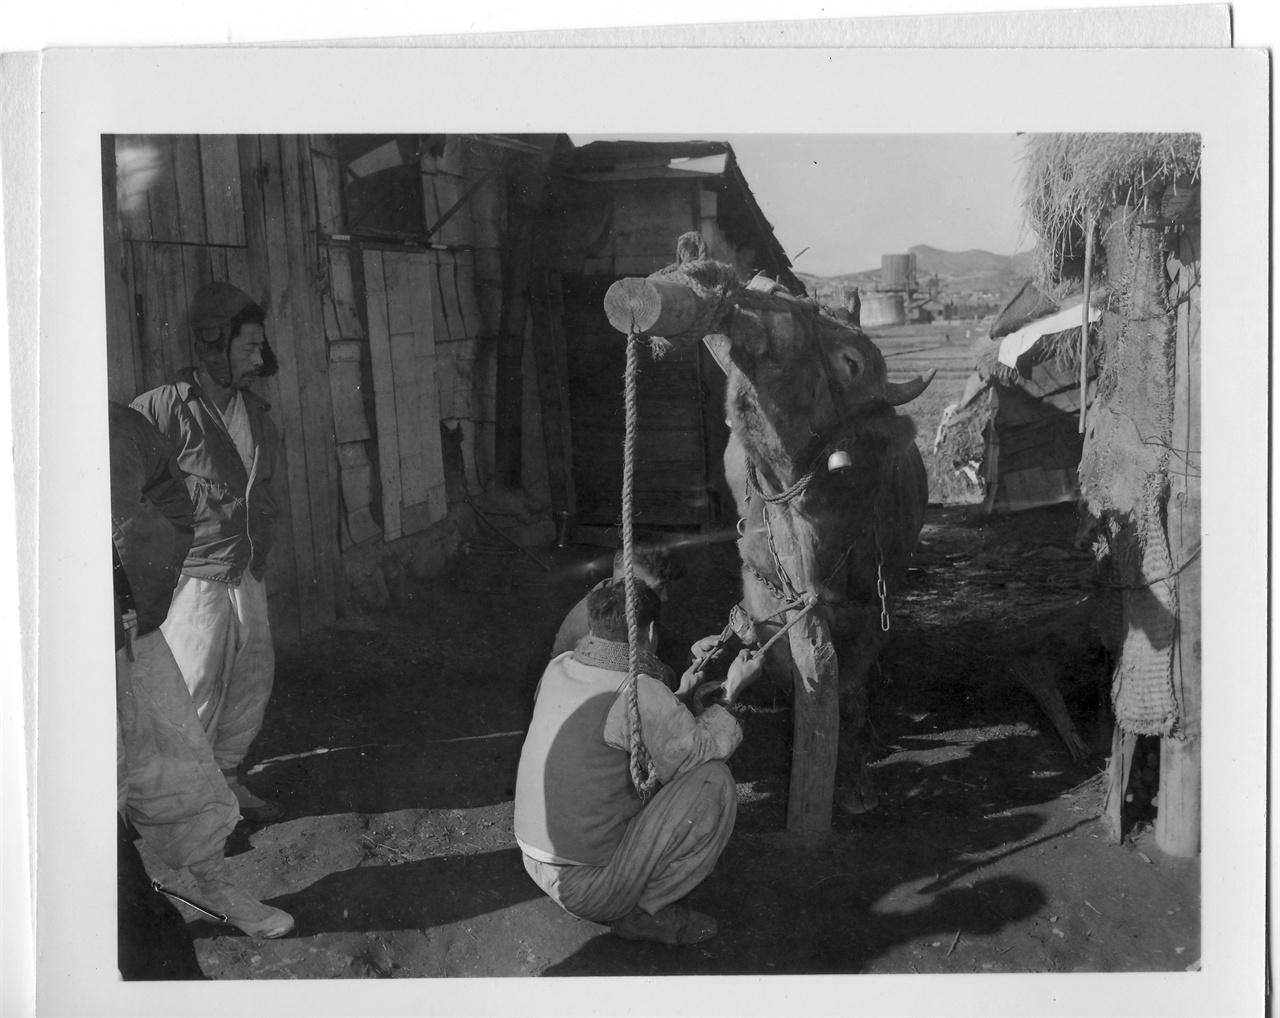 한 농부가 소를 묶은 뒤 앞발에 편자(U자 모양의 쇳조각)를 박고 있다(1954. 1. 13.).